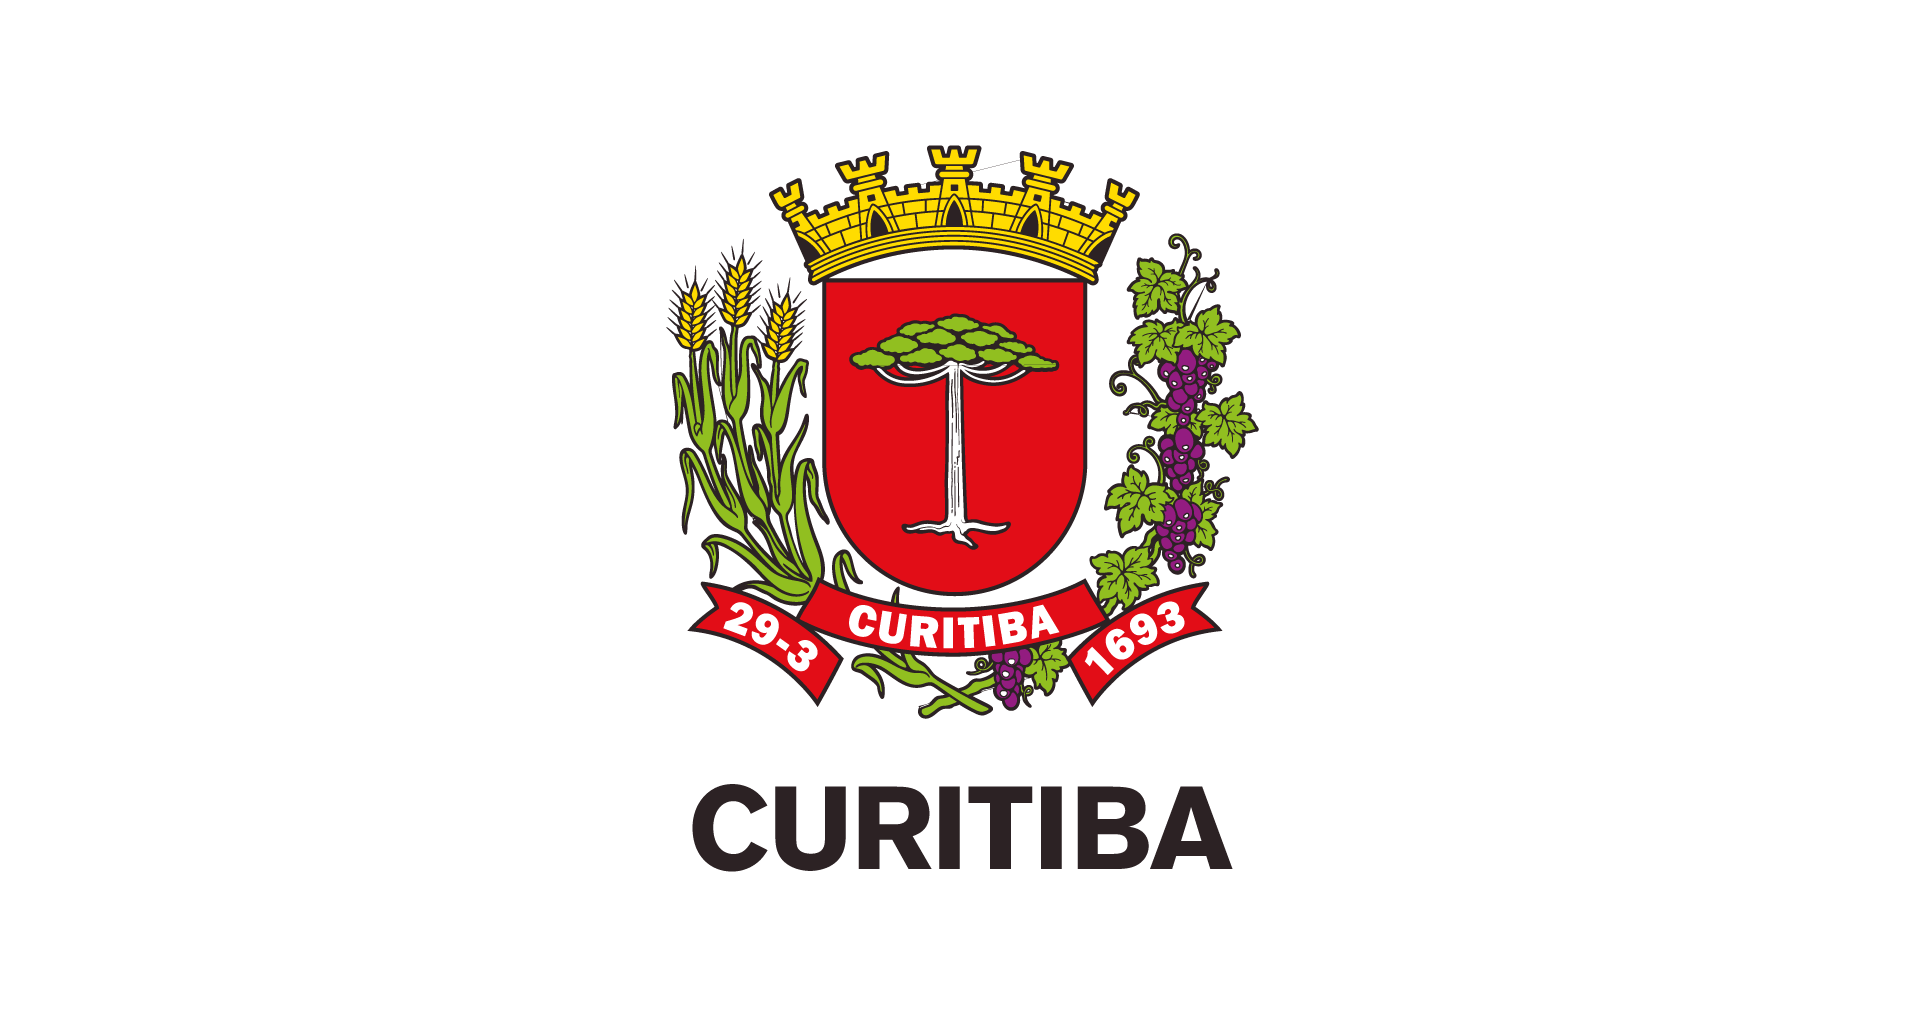 PREFEITURA DE CURITIBA, A ASSESSORIA DE DIREITOS HUMANOS E POLÍTICAS PARA AS MULHERES E SECRETARIAS